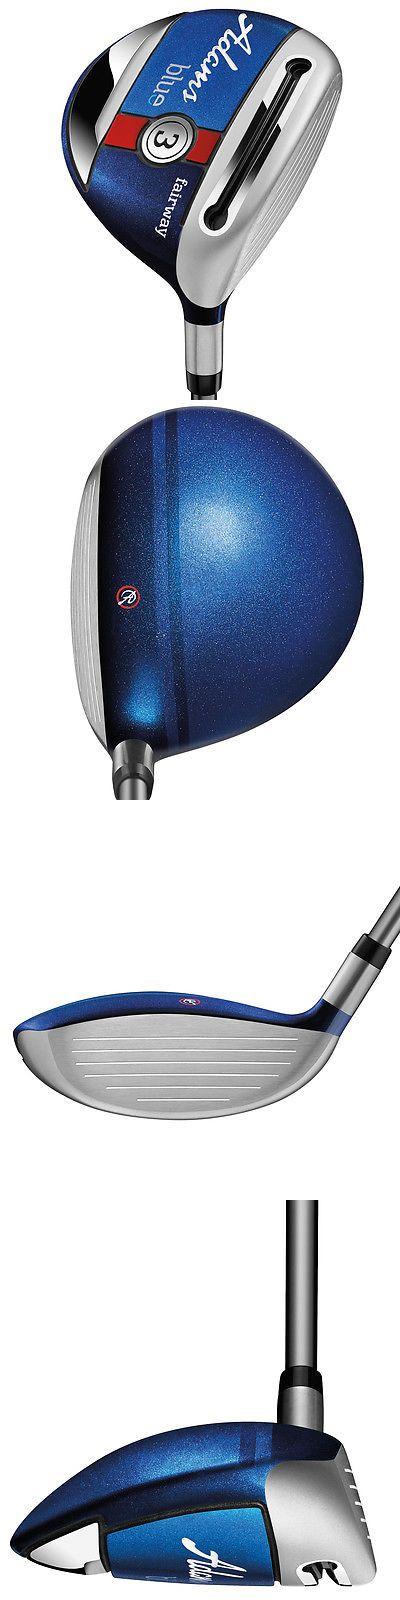 Golf Clubs 115280: Adams Golf Clubs Mens Blue Fairway Wood, #5W(19*) Graphite Stiff Flex -> BUY IT NOW ONLY: $59.99 on eBay!